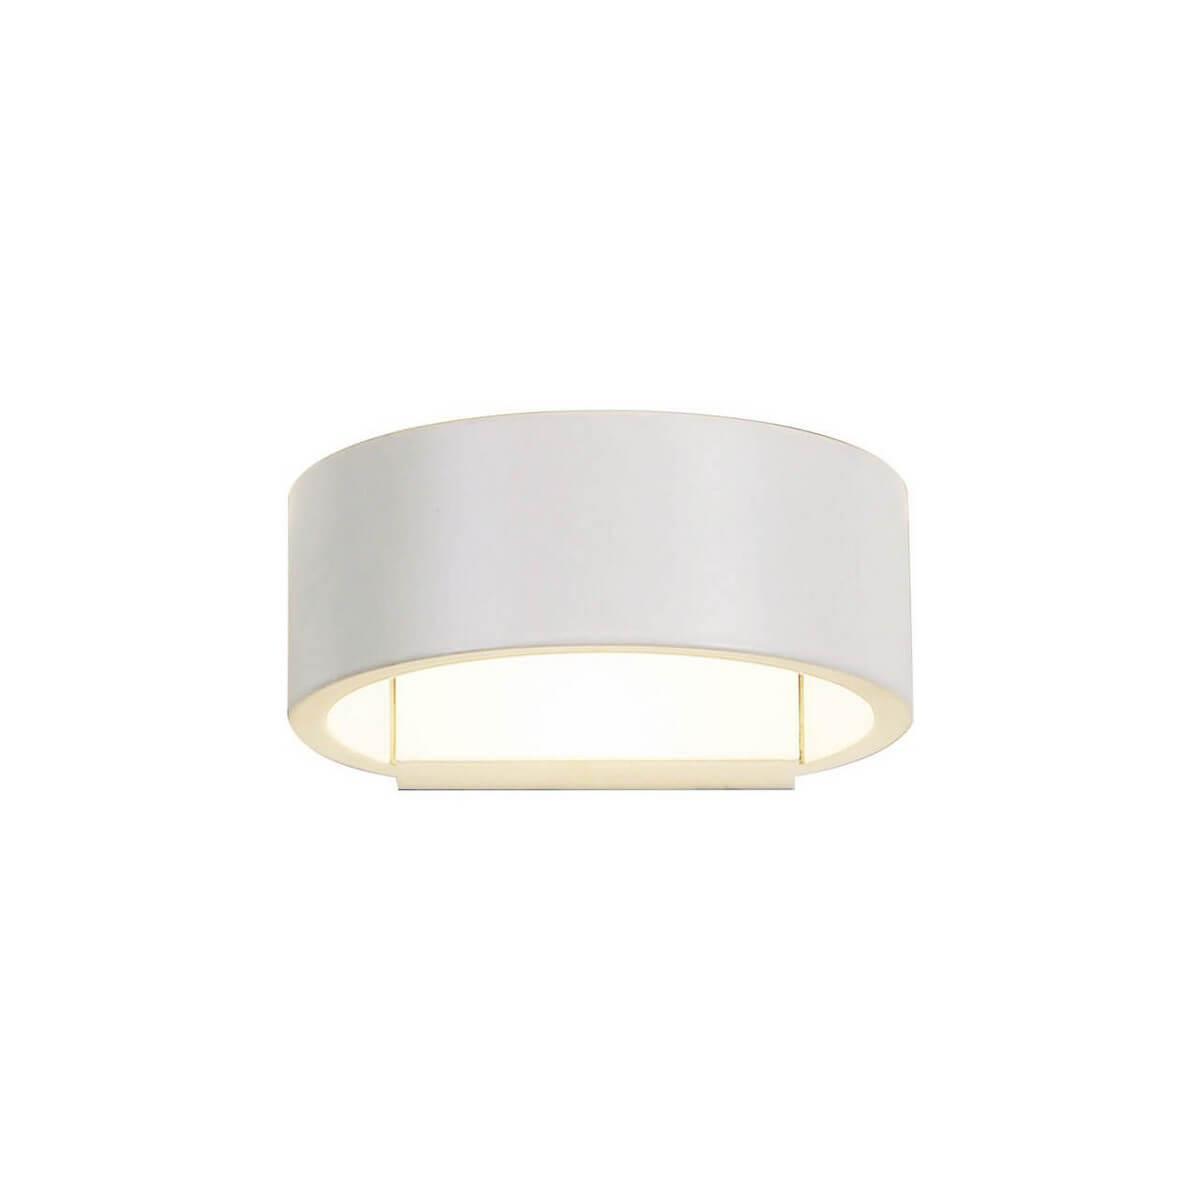 Настенный светильник Kink Light 08698, LED, 5 Вт kink light настенный светильник italline ufo black gold